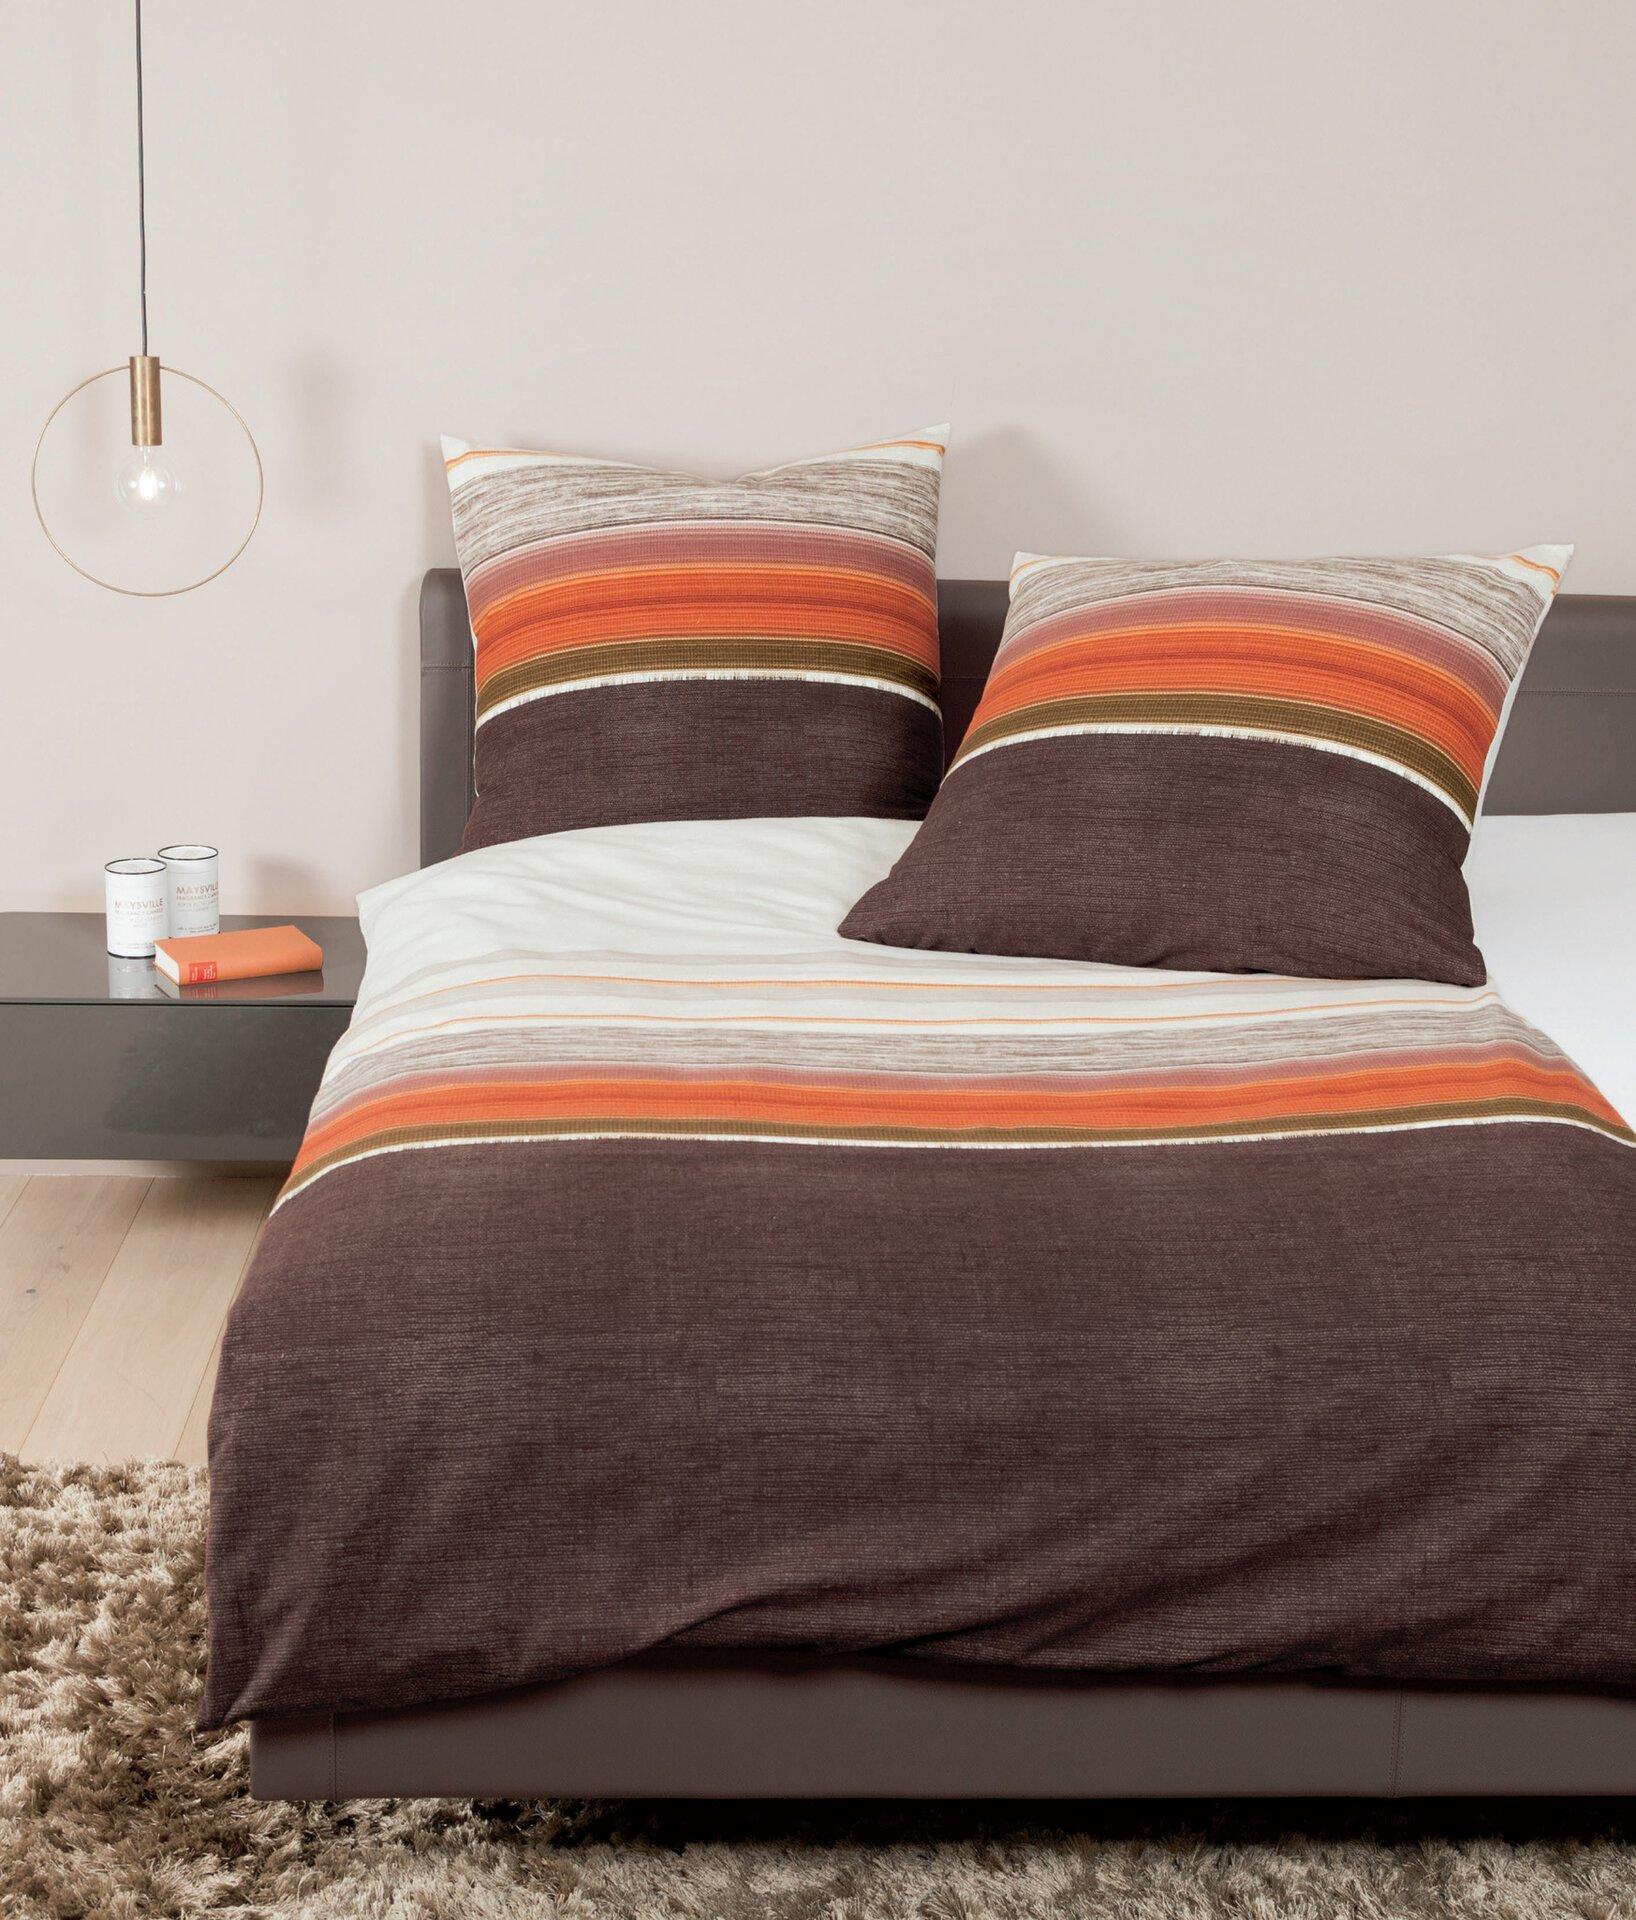 Satin-Bettwäsche Palermo Janine Textil braun 135 x 200 cm